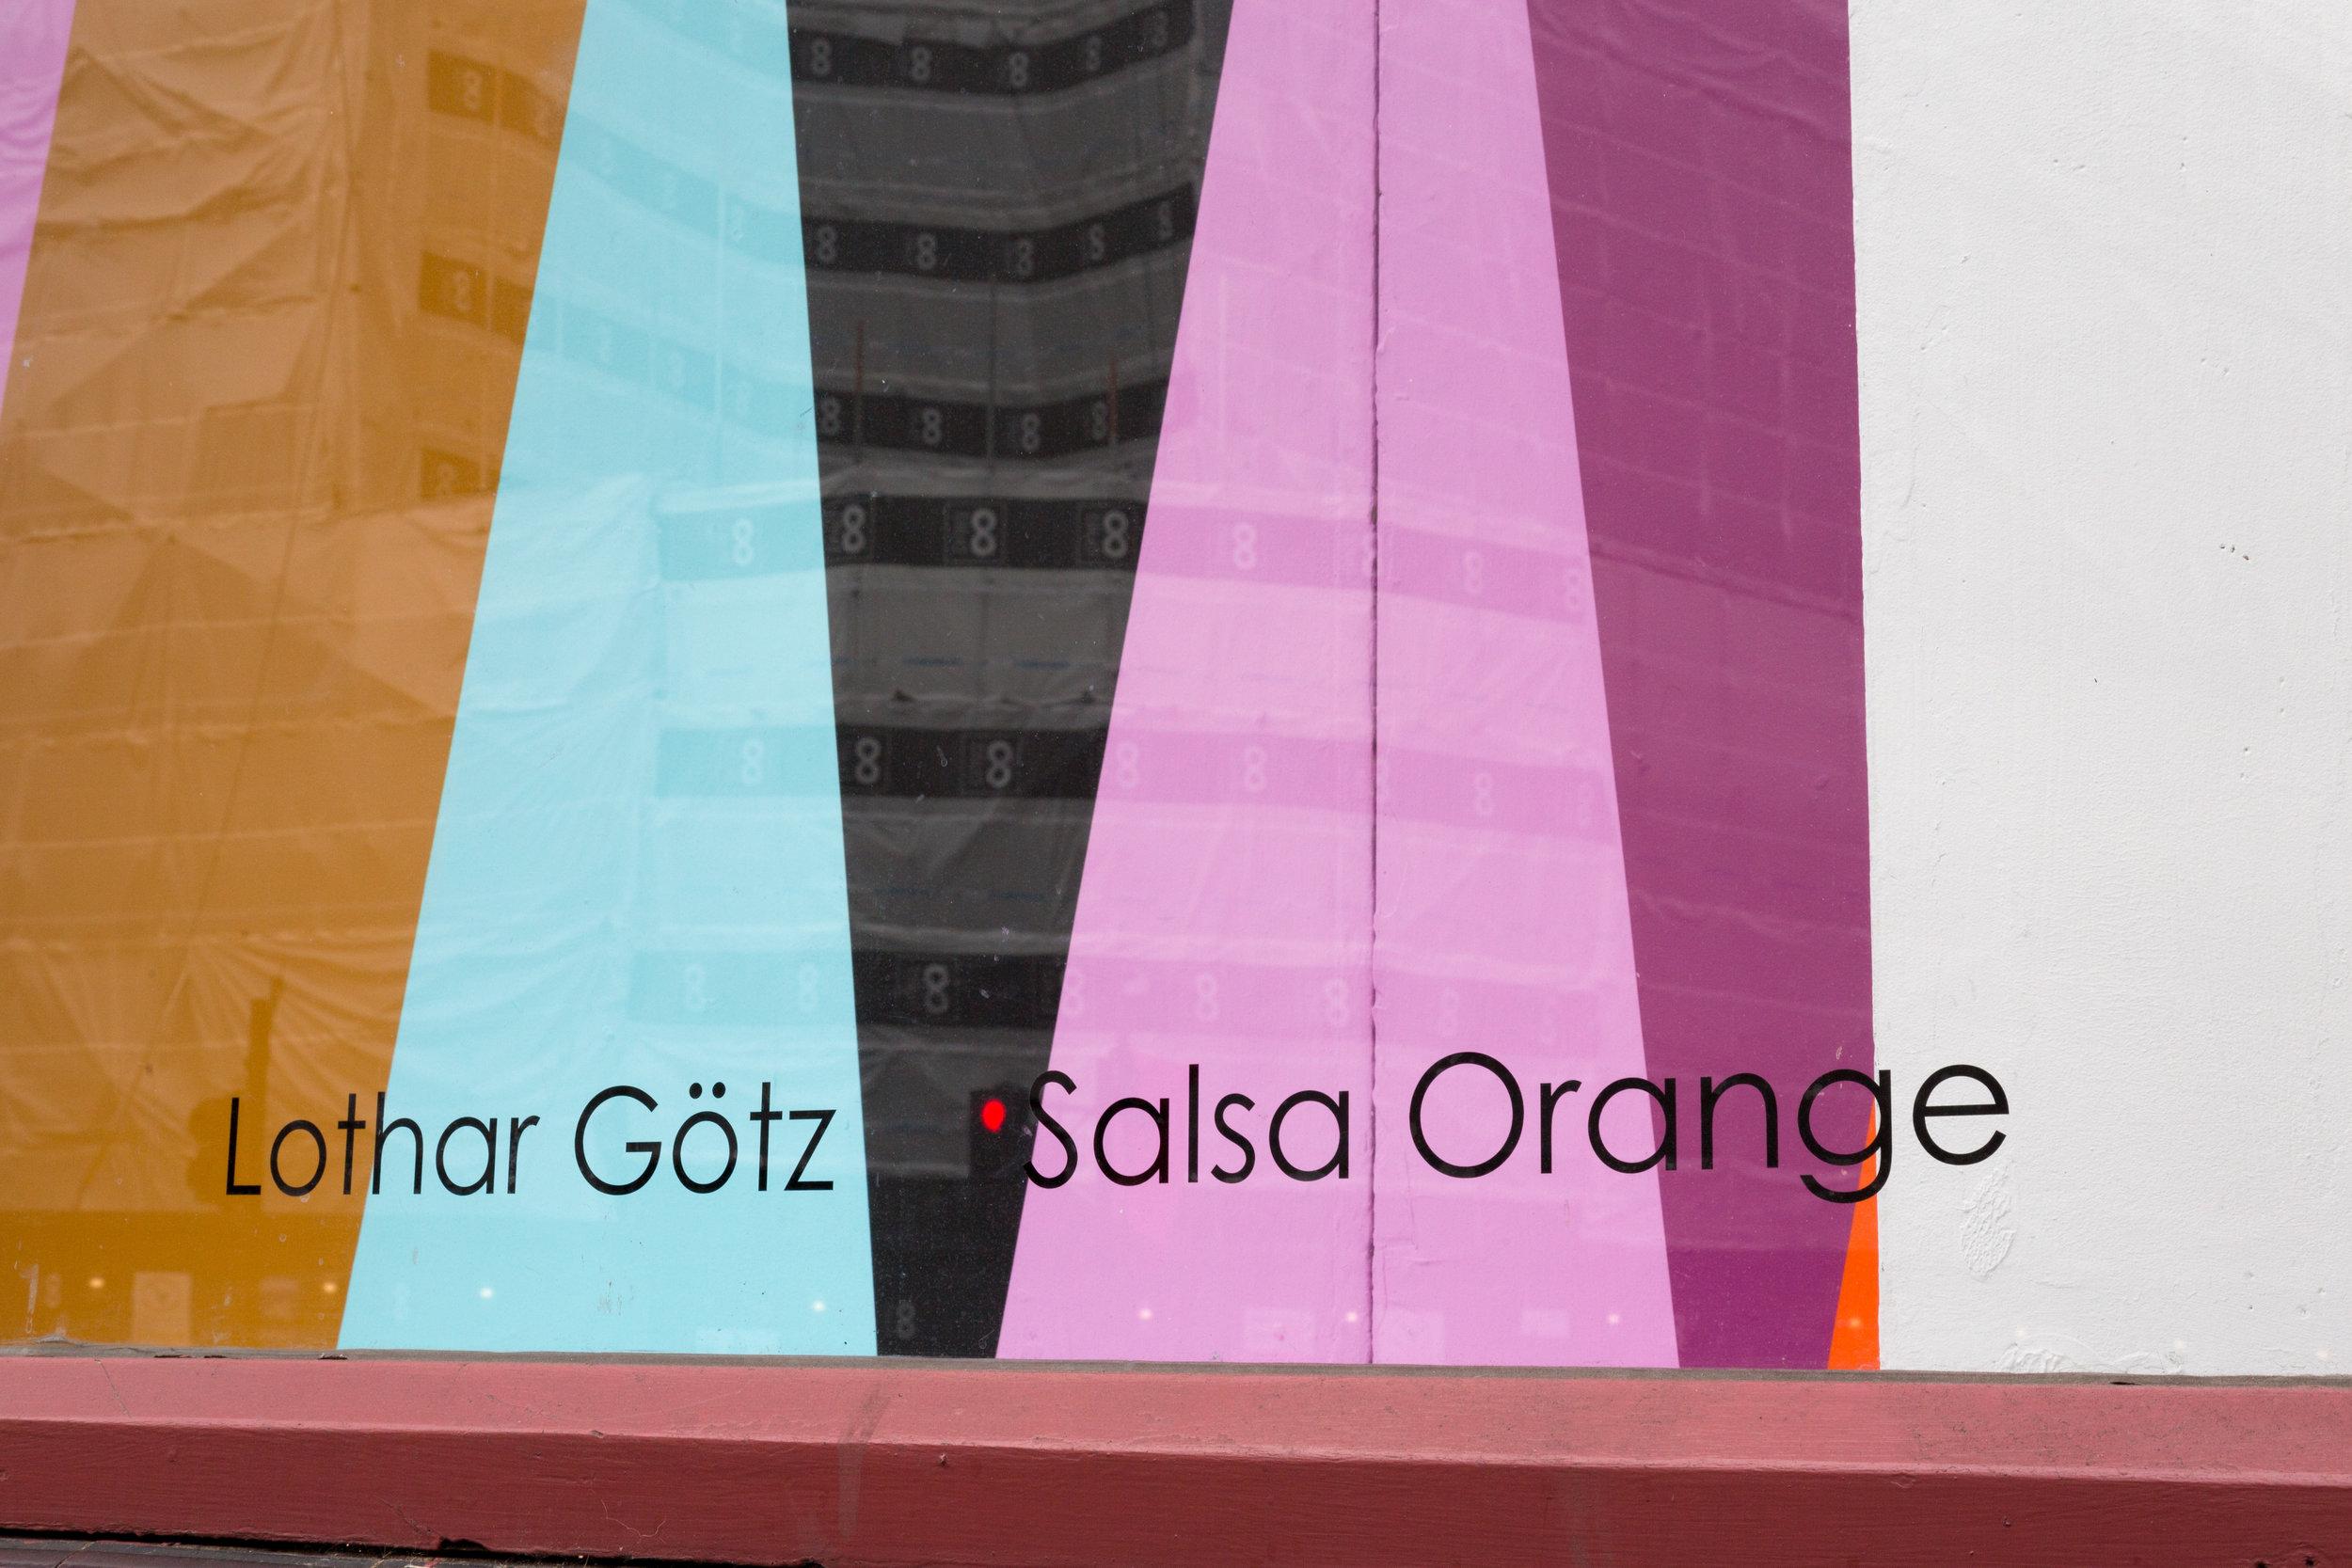 Lothar Götz 'Salsa Orange', 2019. Photo by Benjamin Deakin